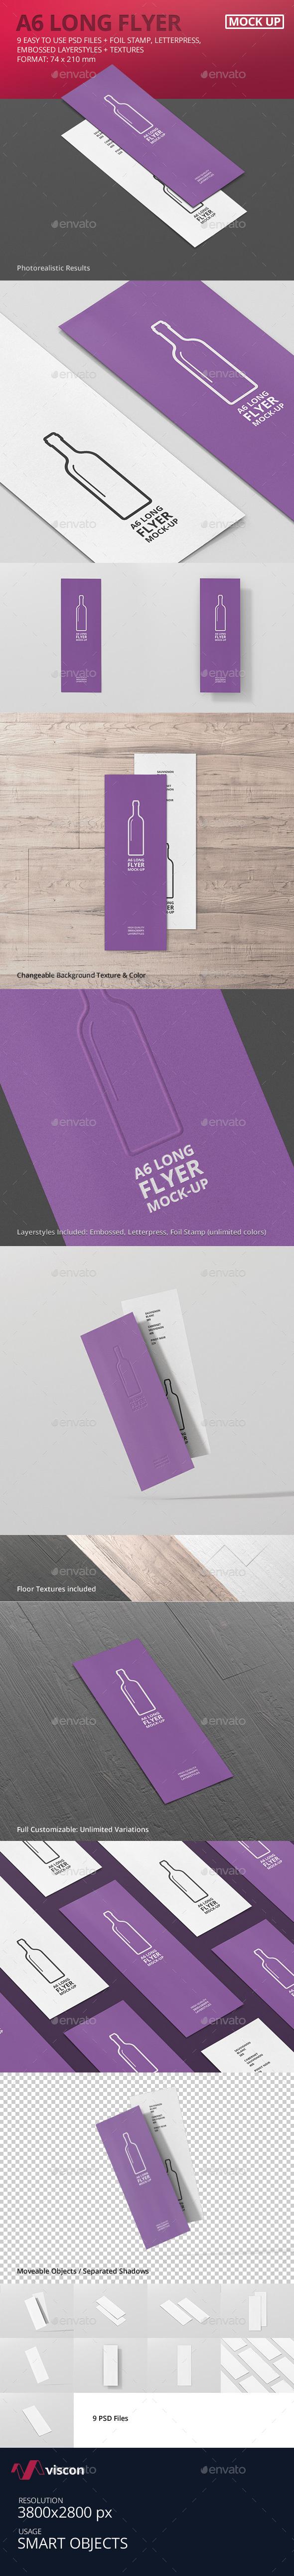 A6 Long Flyer Mock-Up - Flyers Print